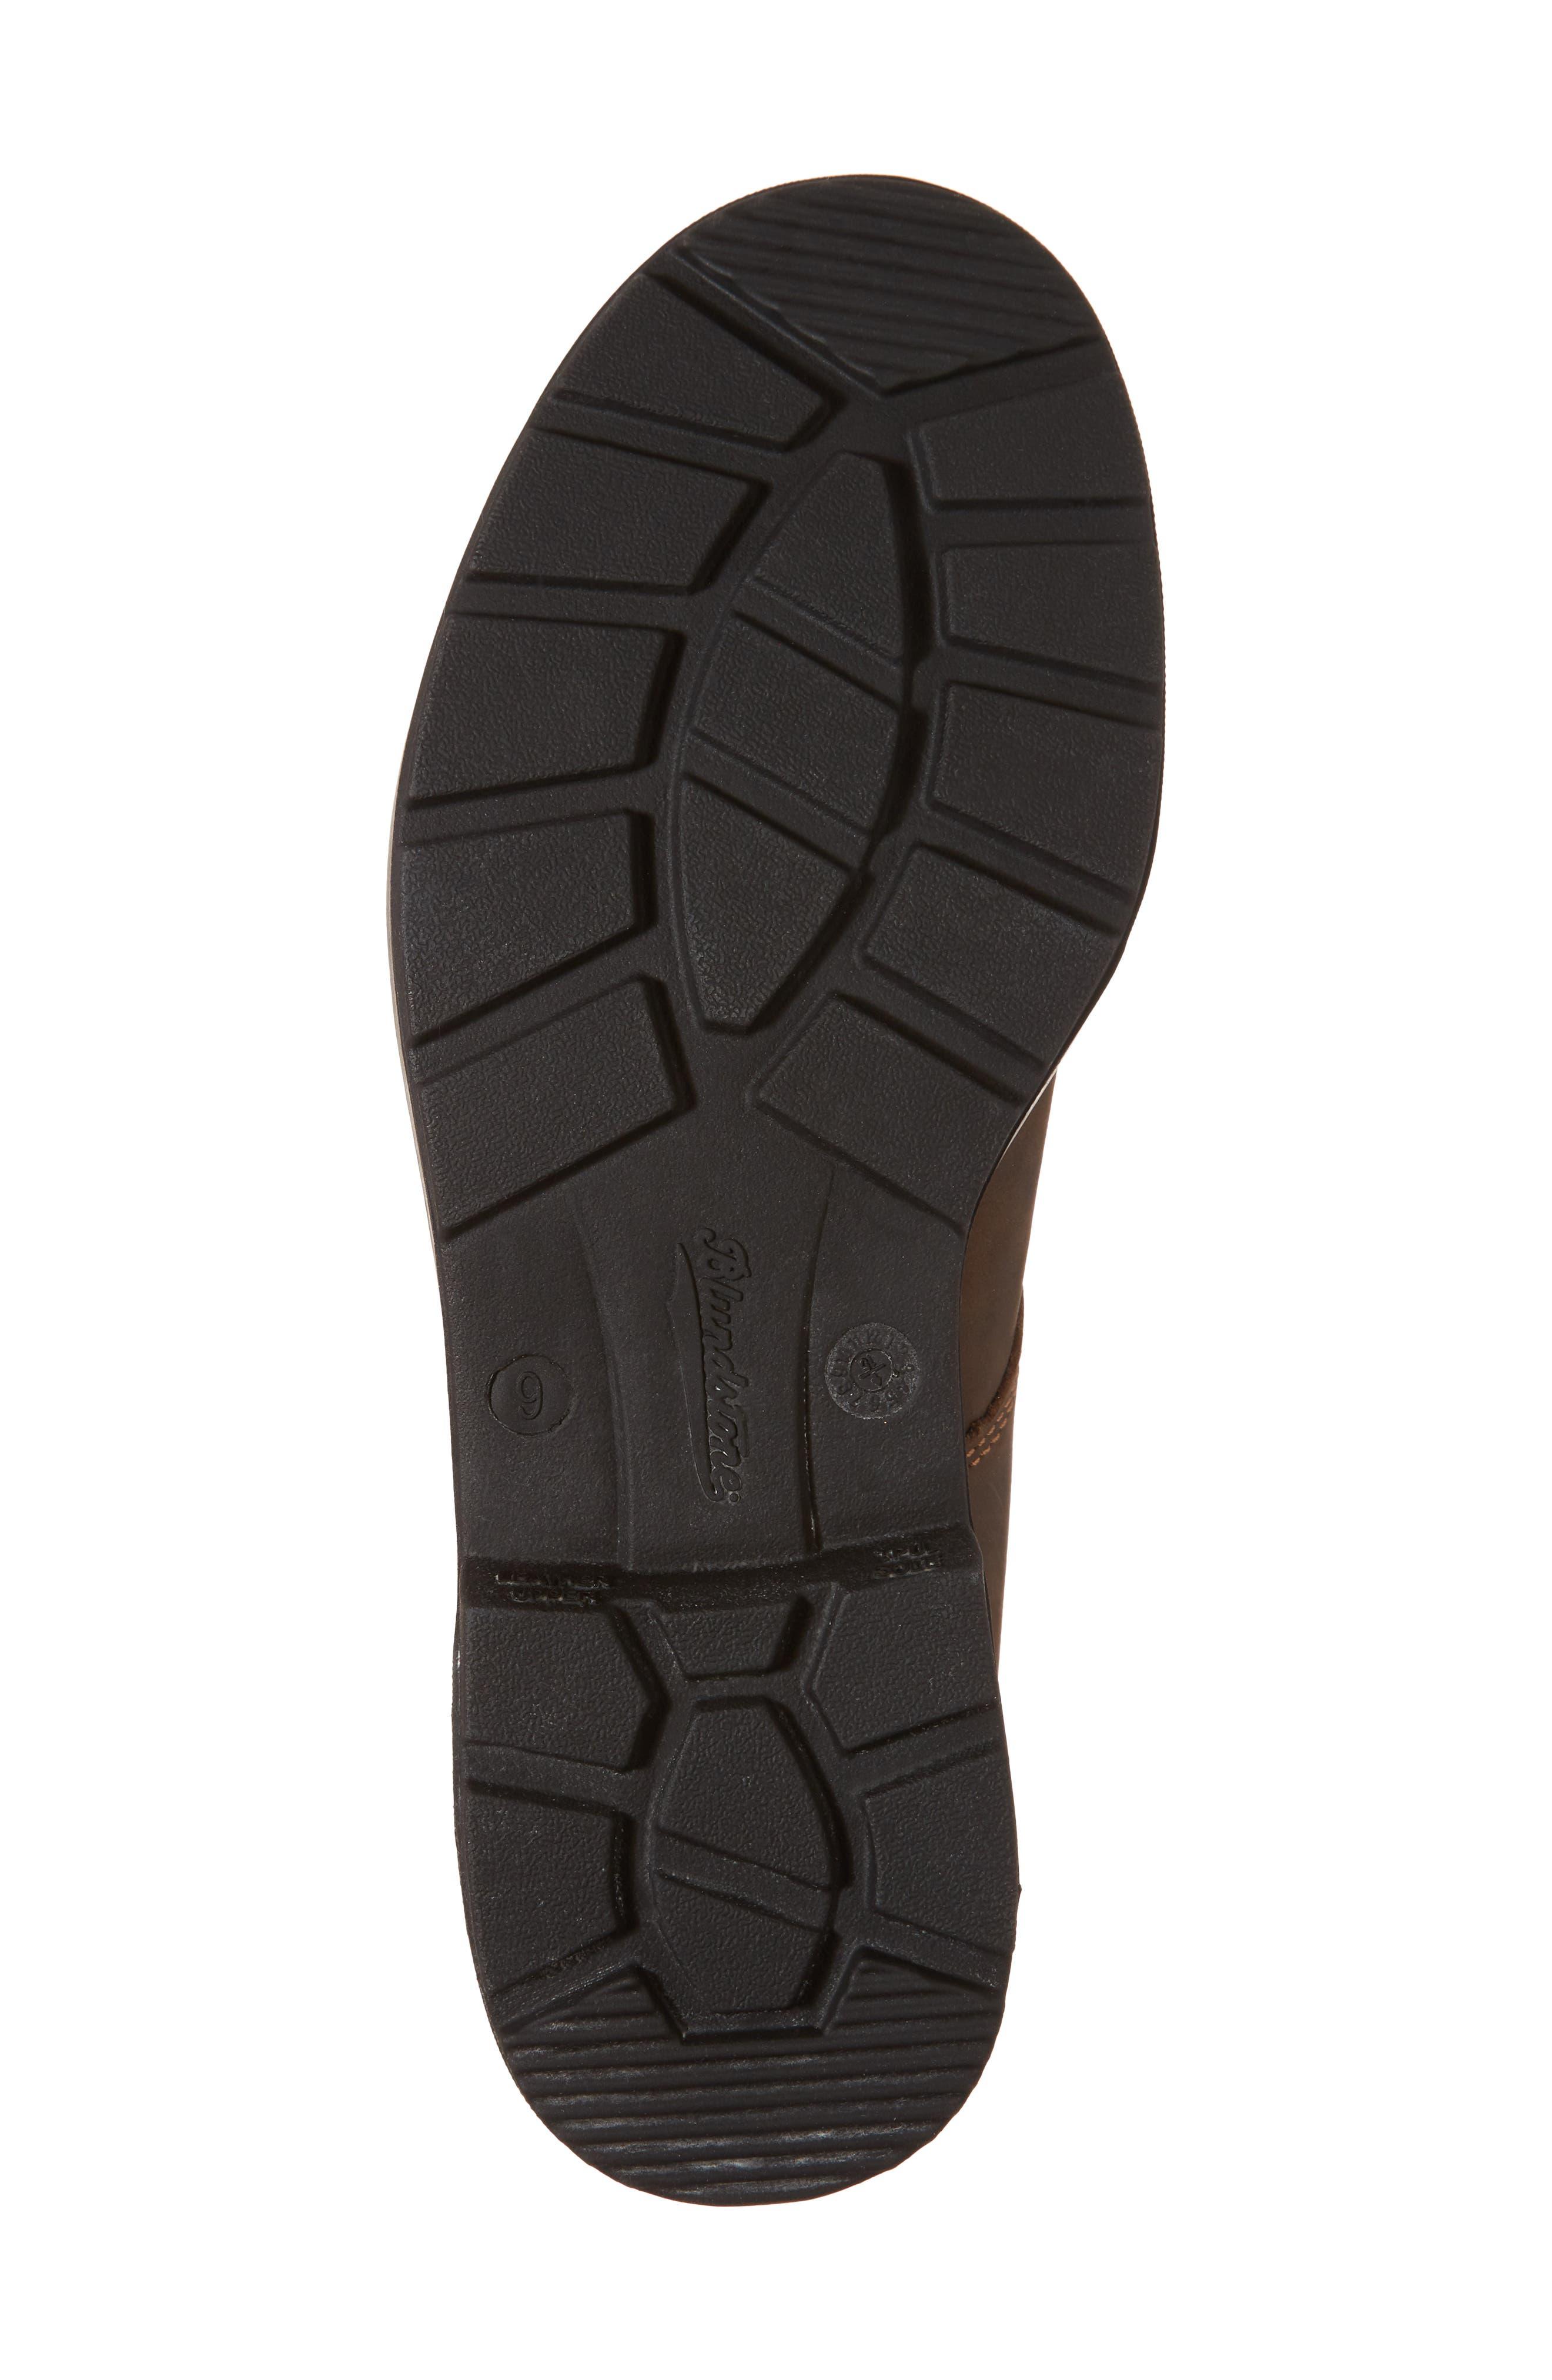 Original Plain Toe Boot,                             Alternate thumbnail 6, color,                             Rustic Brown Leather